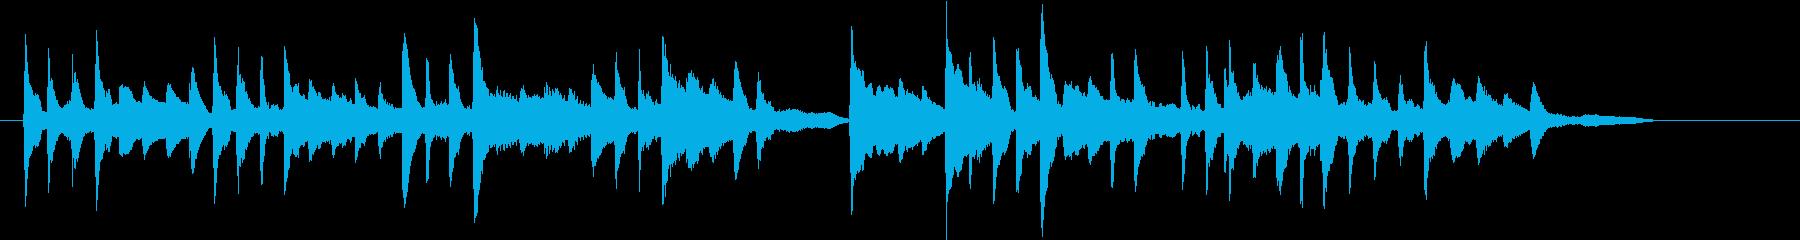 ささやかな感動シーンに合うピアノソロですの再生済みの波形